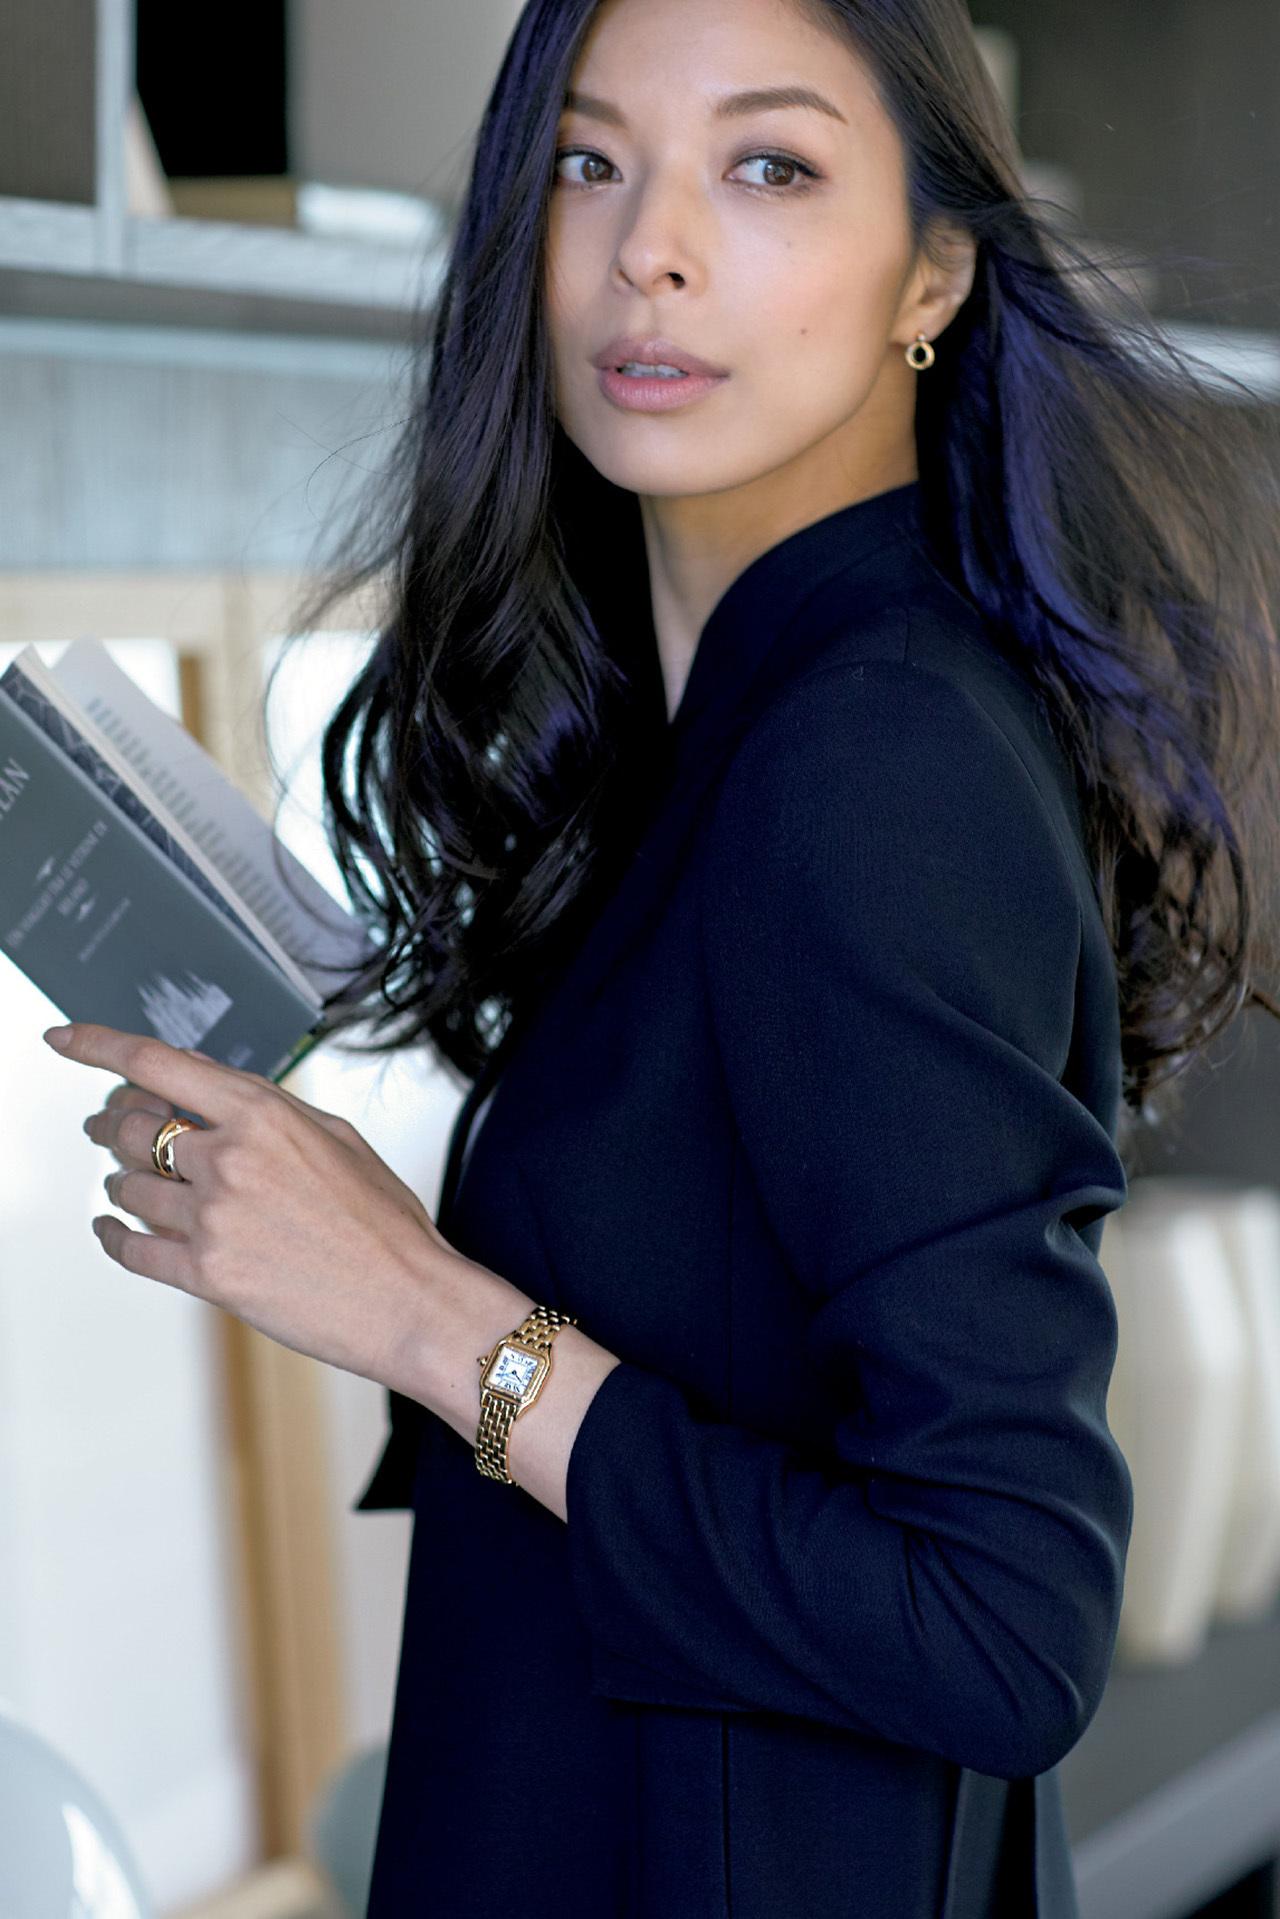 ビジネス服には本格派時計と女らしい時計を効かせて 五選_1_1-2